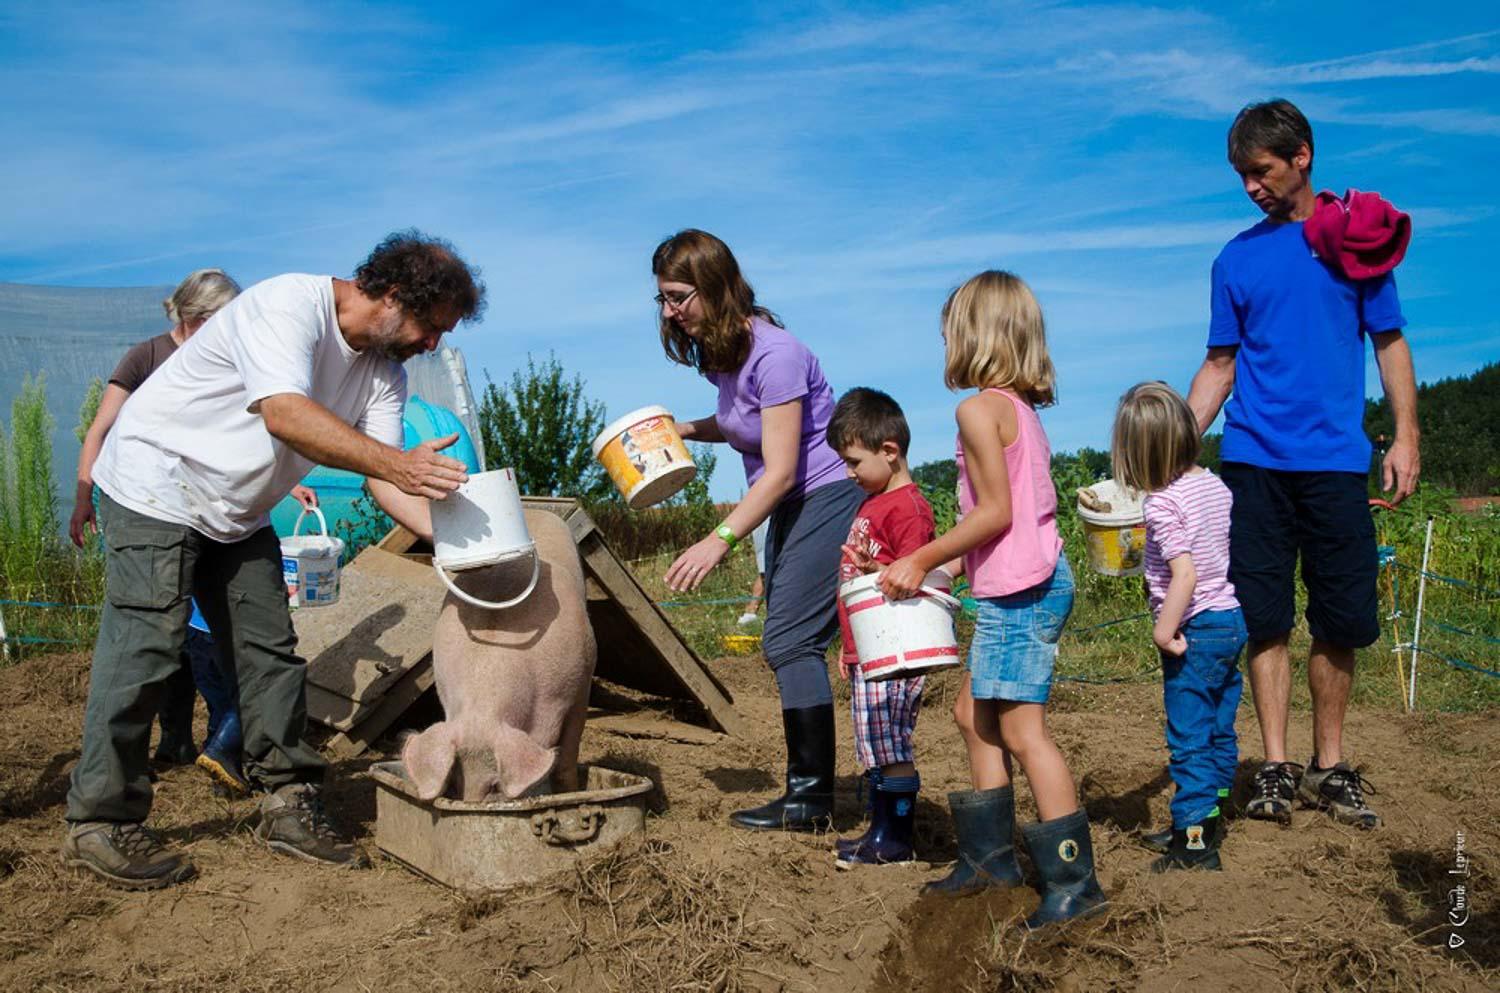 Accueil de familles à la ferme pédagogique